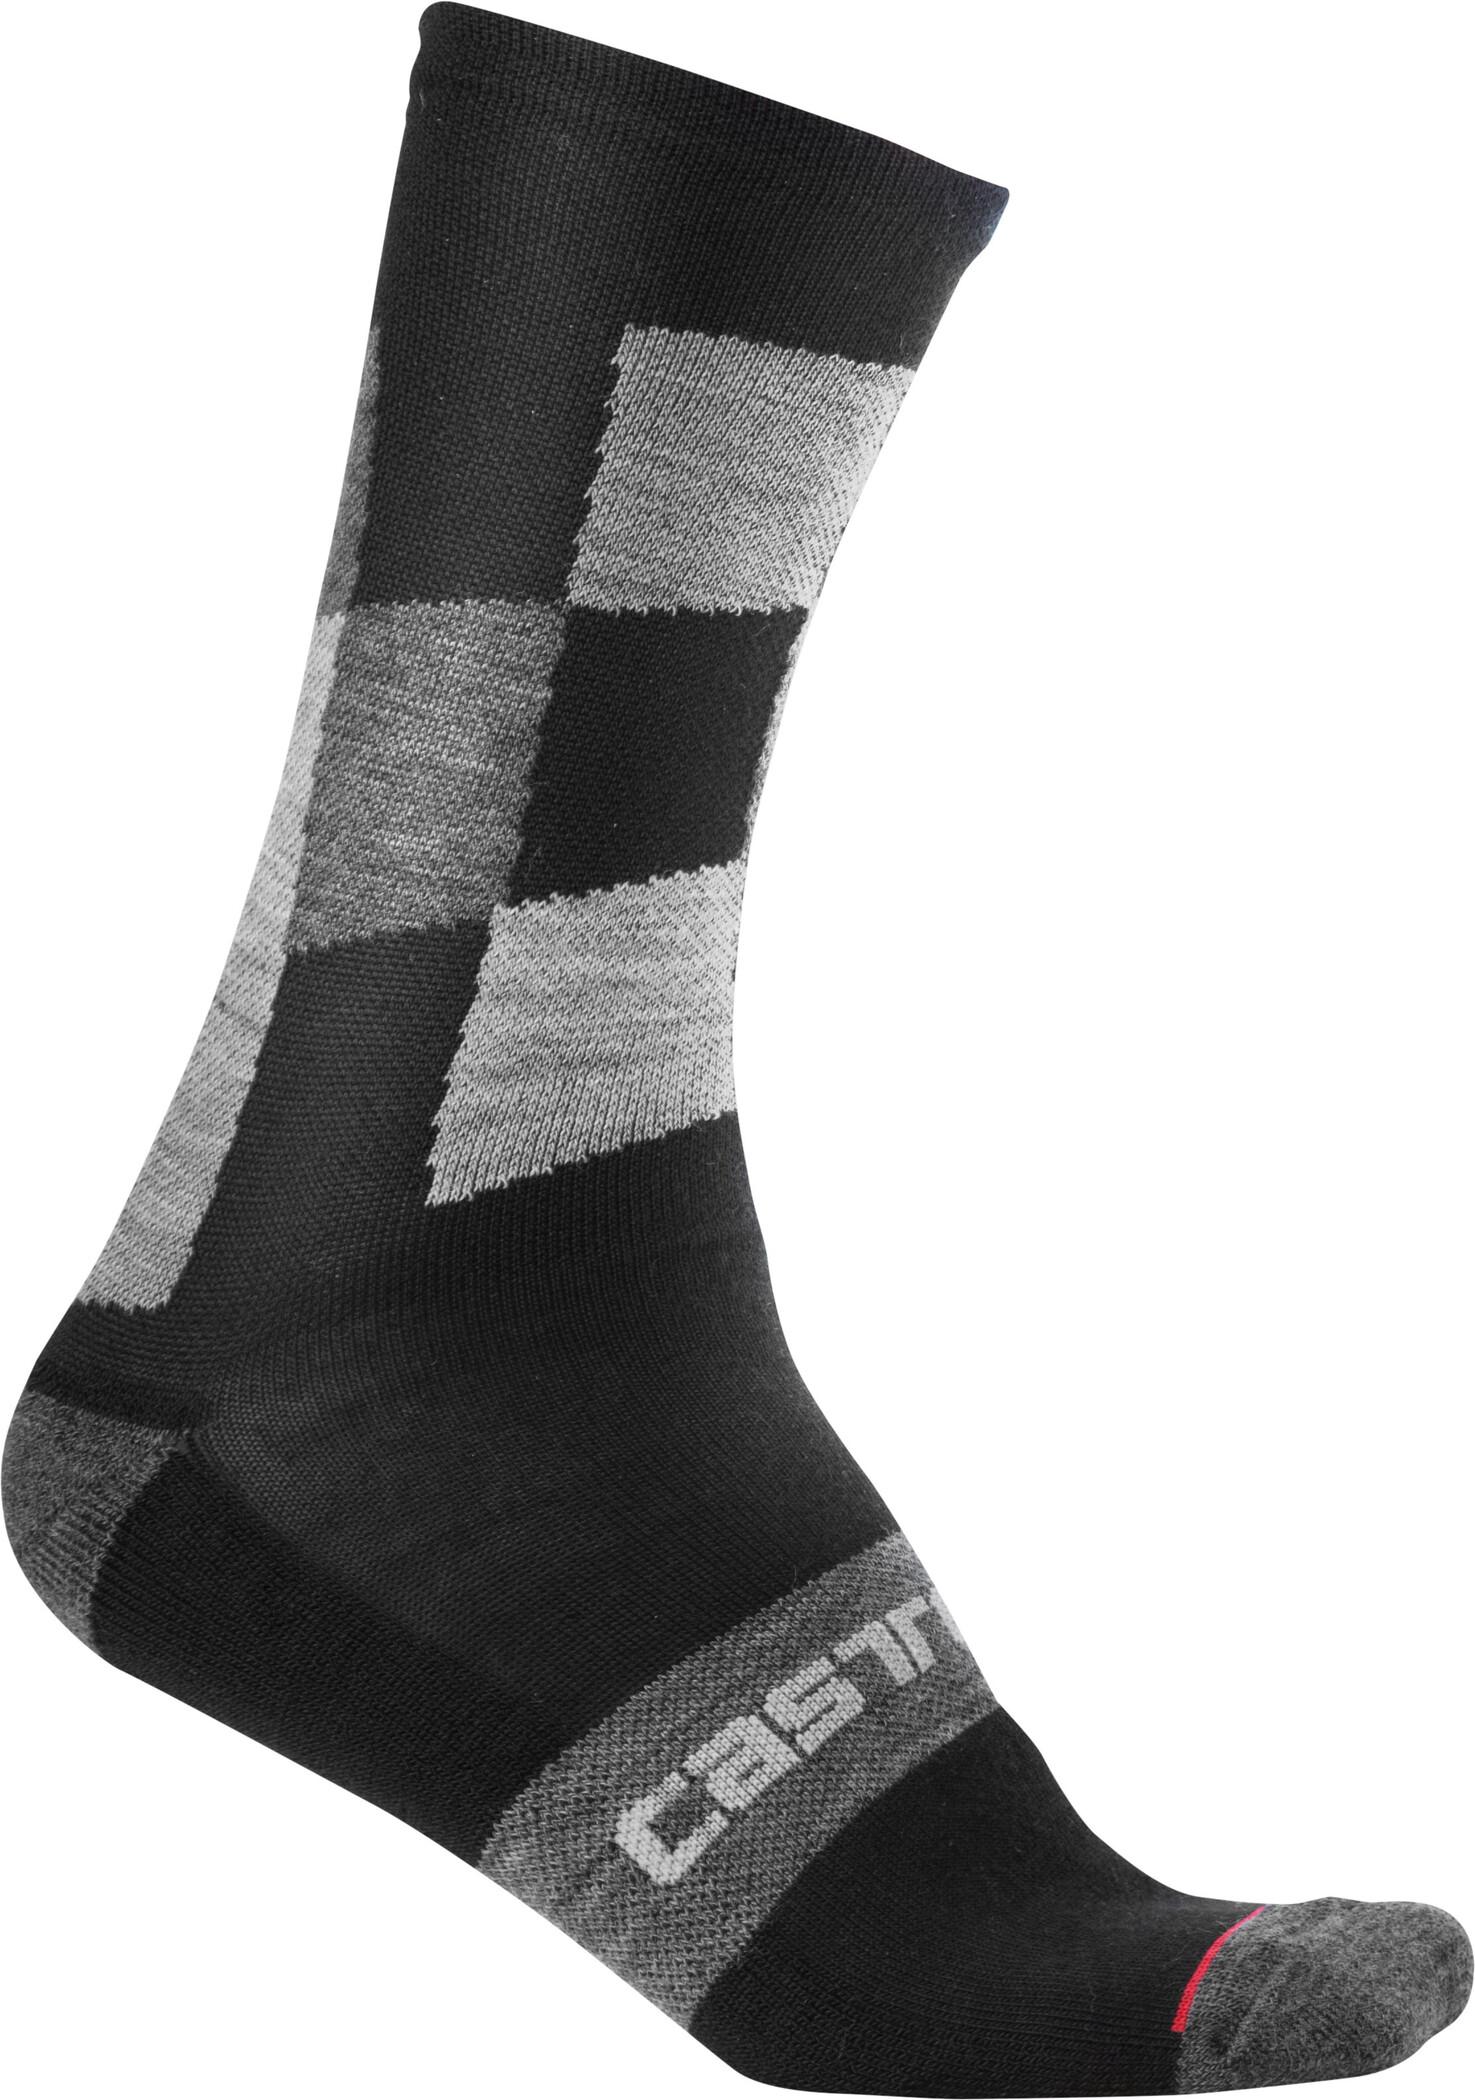 Castelli Diverso 2 18 Strømper, black (2019) | Socks